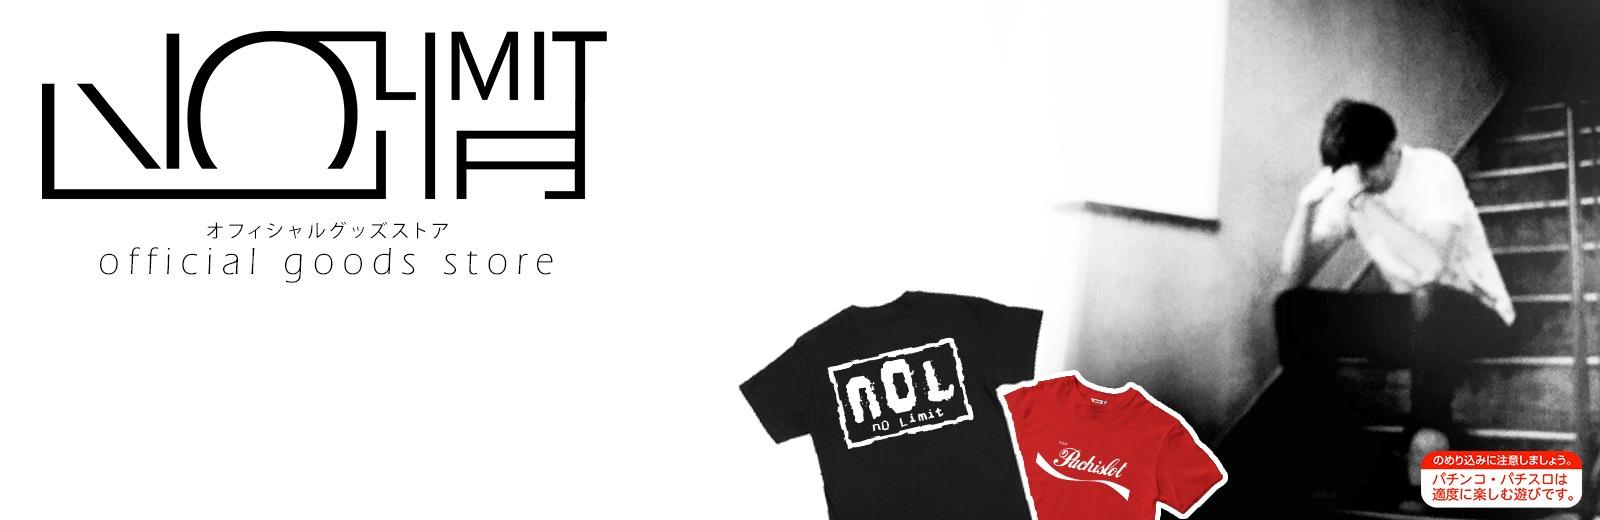 NO LIMIT -ノーリミットー Store